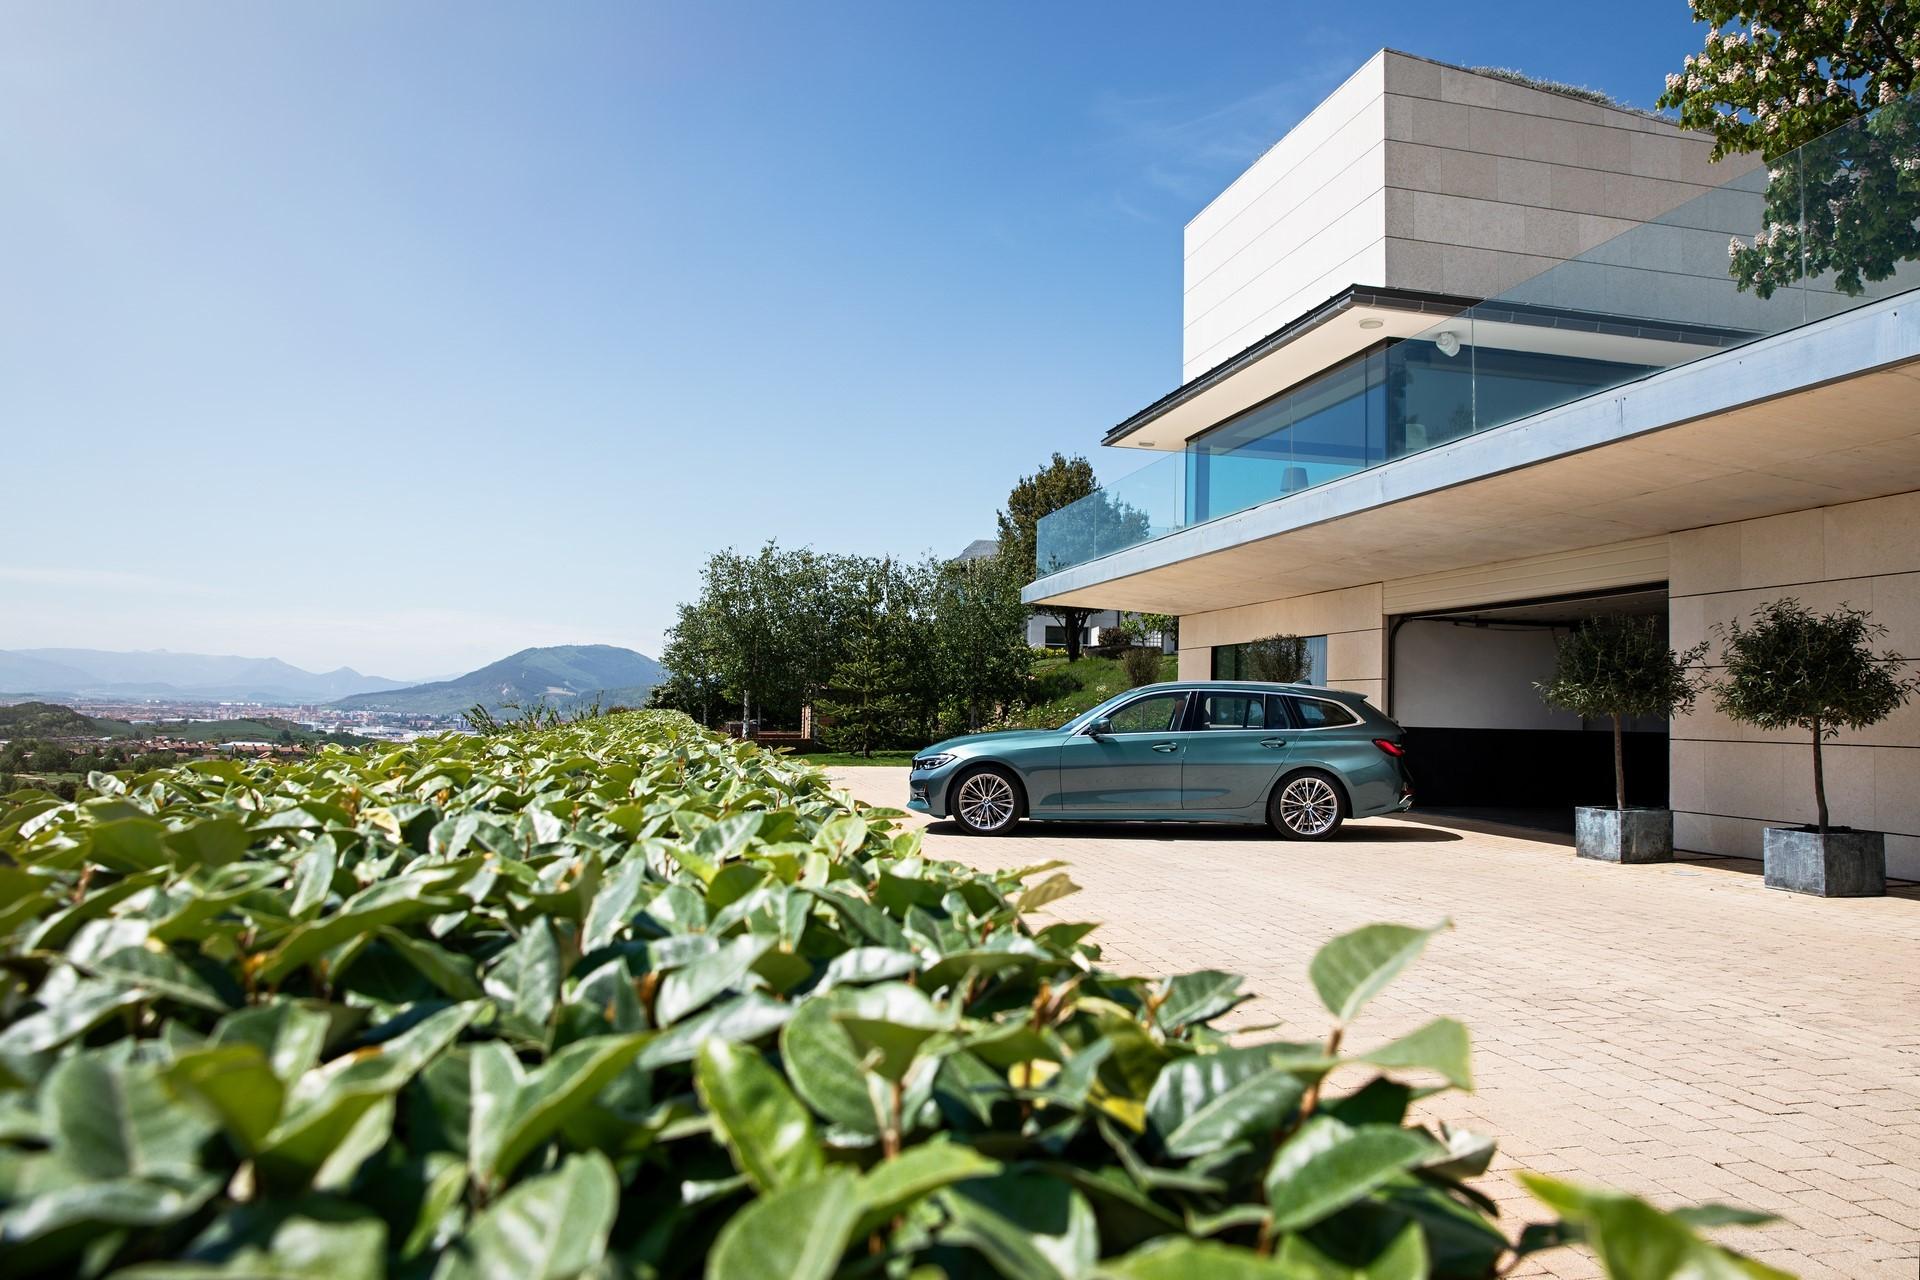 BMW-3-Series-Touring-2019-35